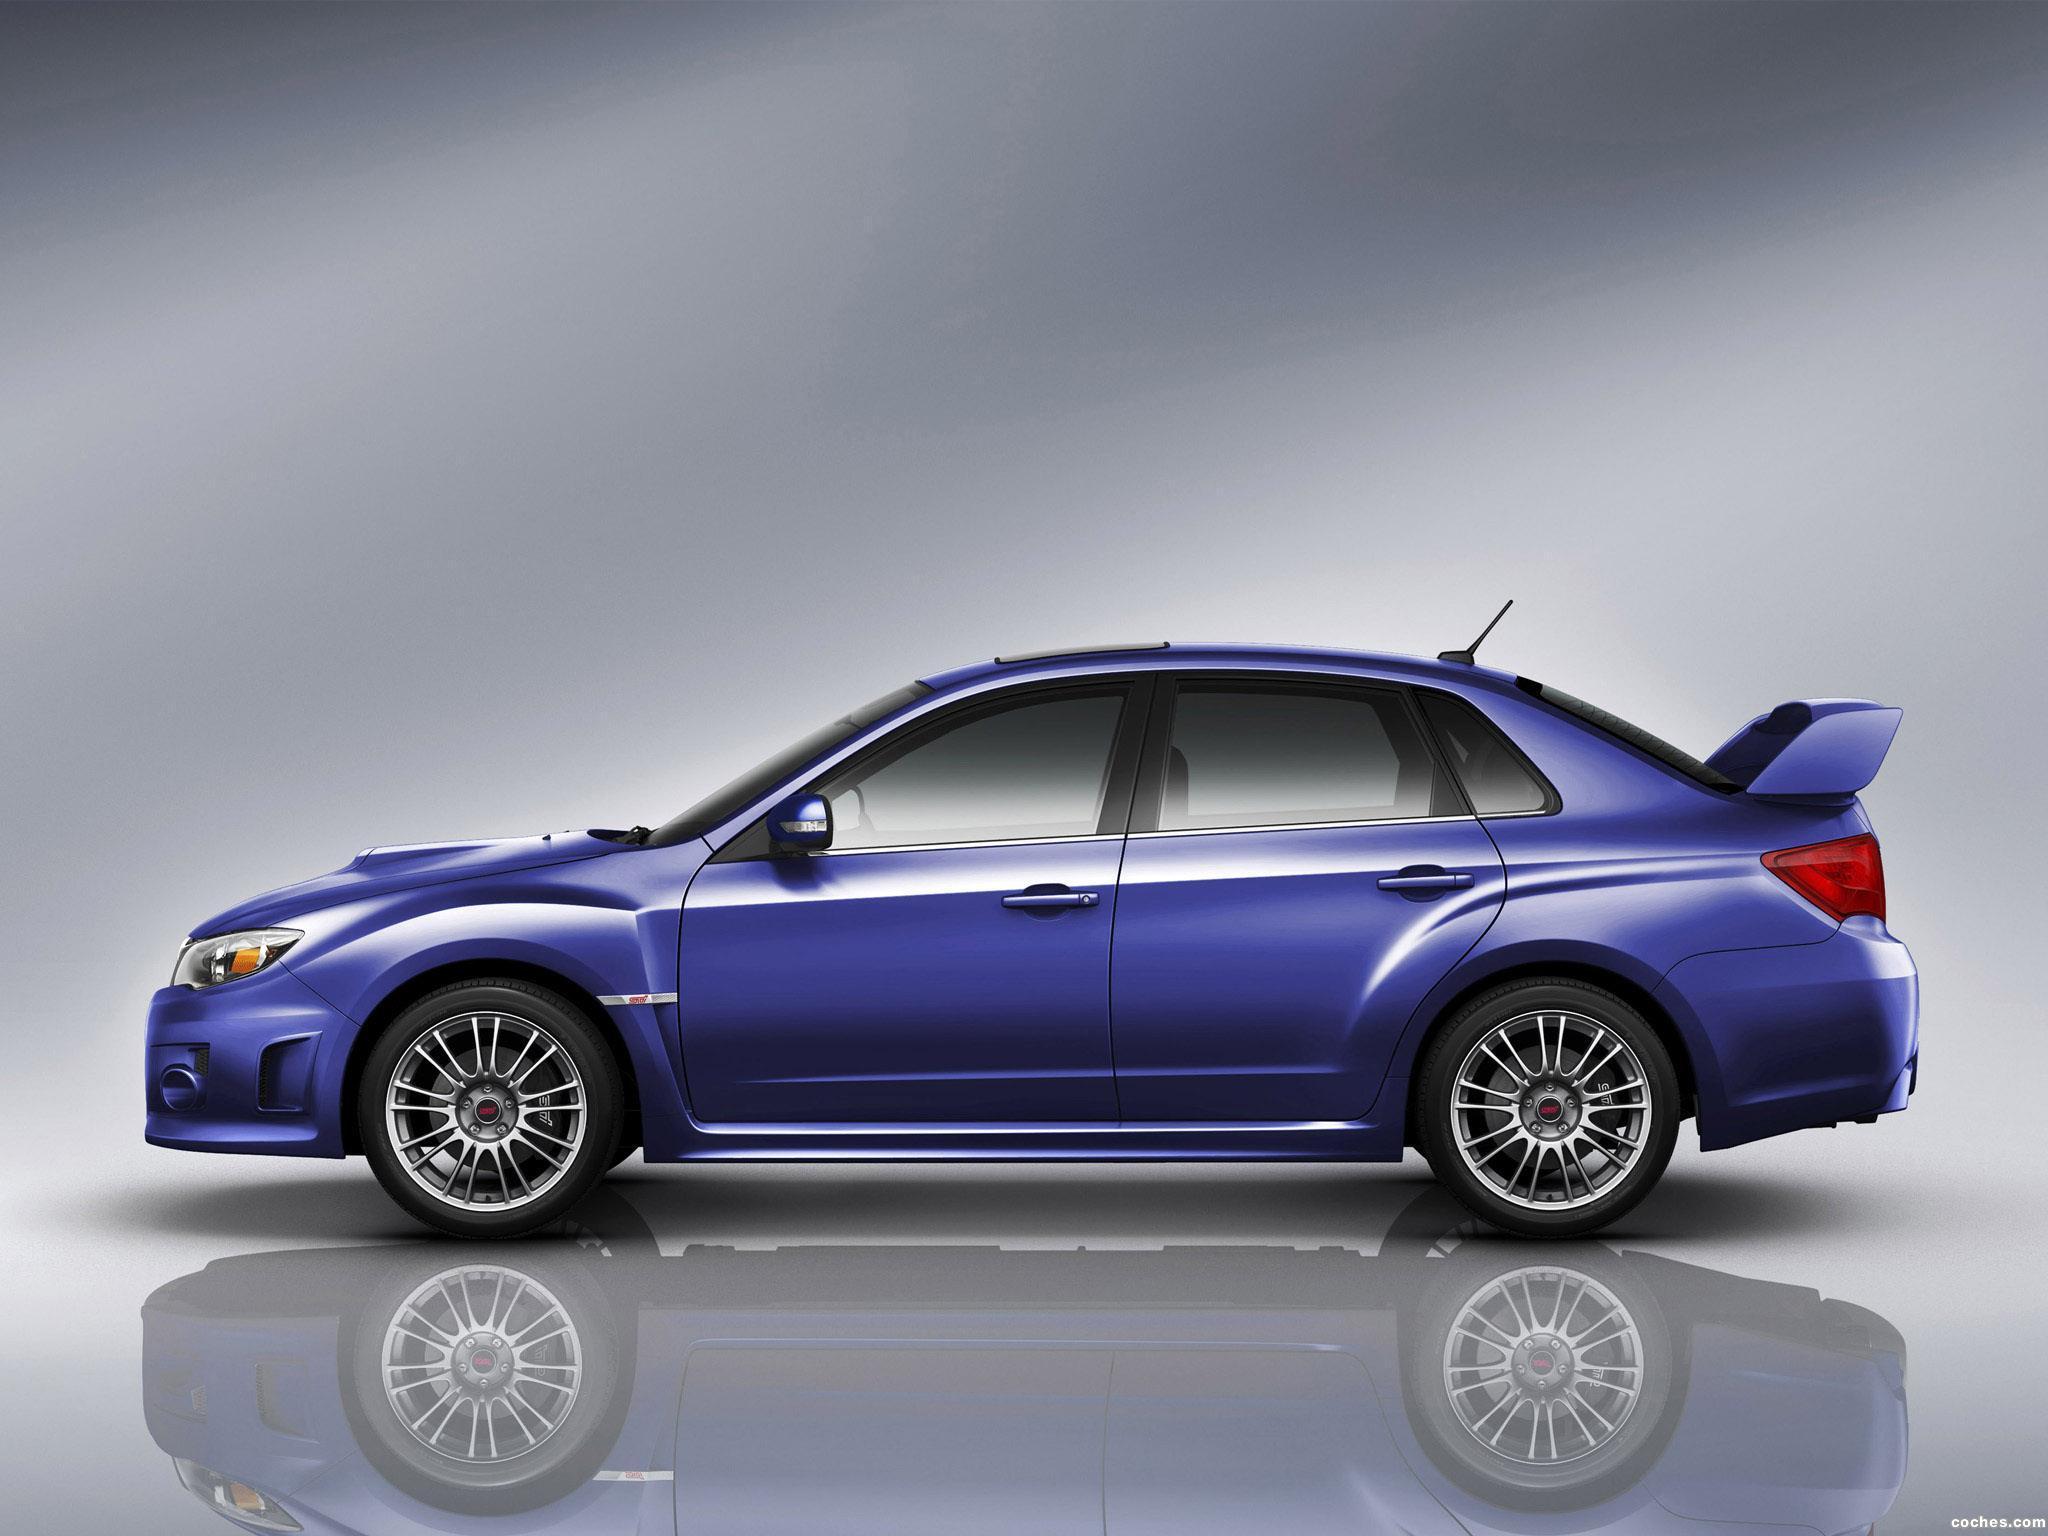 Foto 2 de Subaru Impreza WRX STi Sedan USA 2010